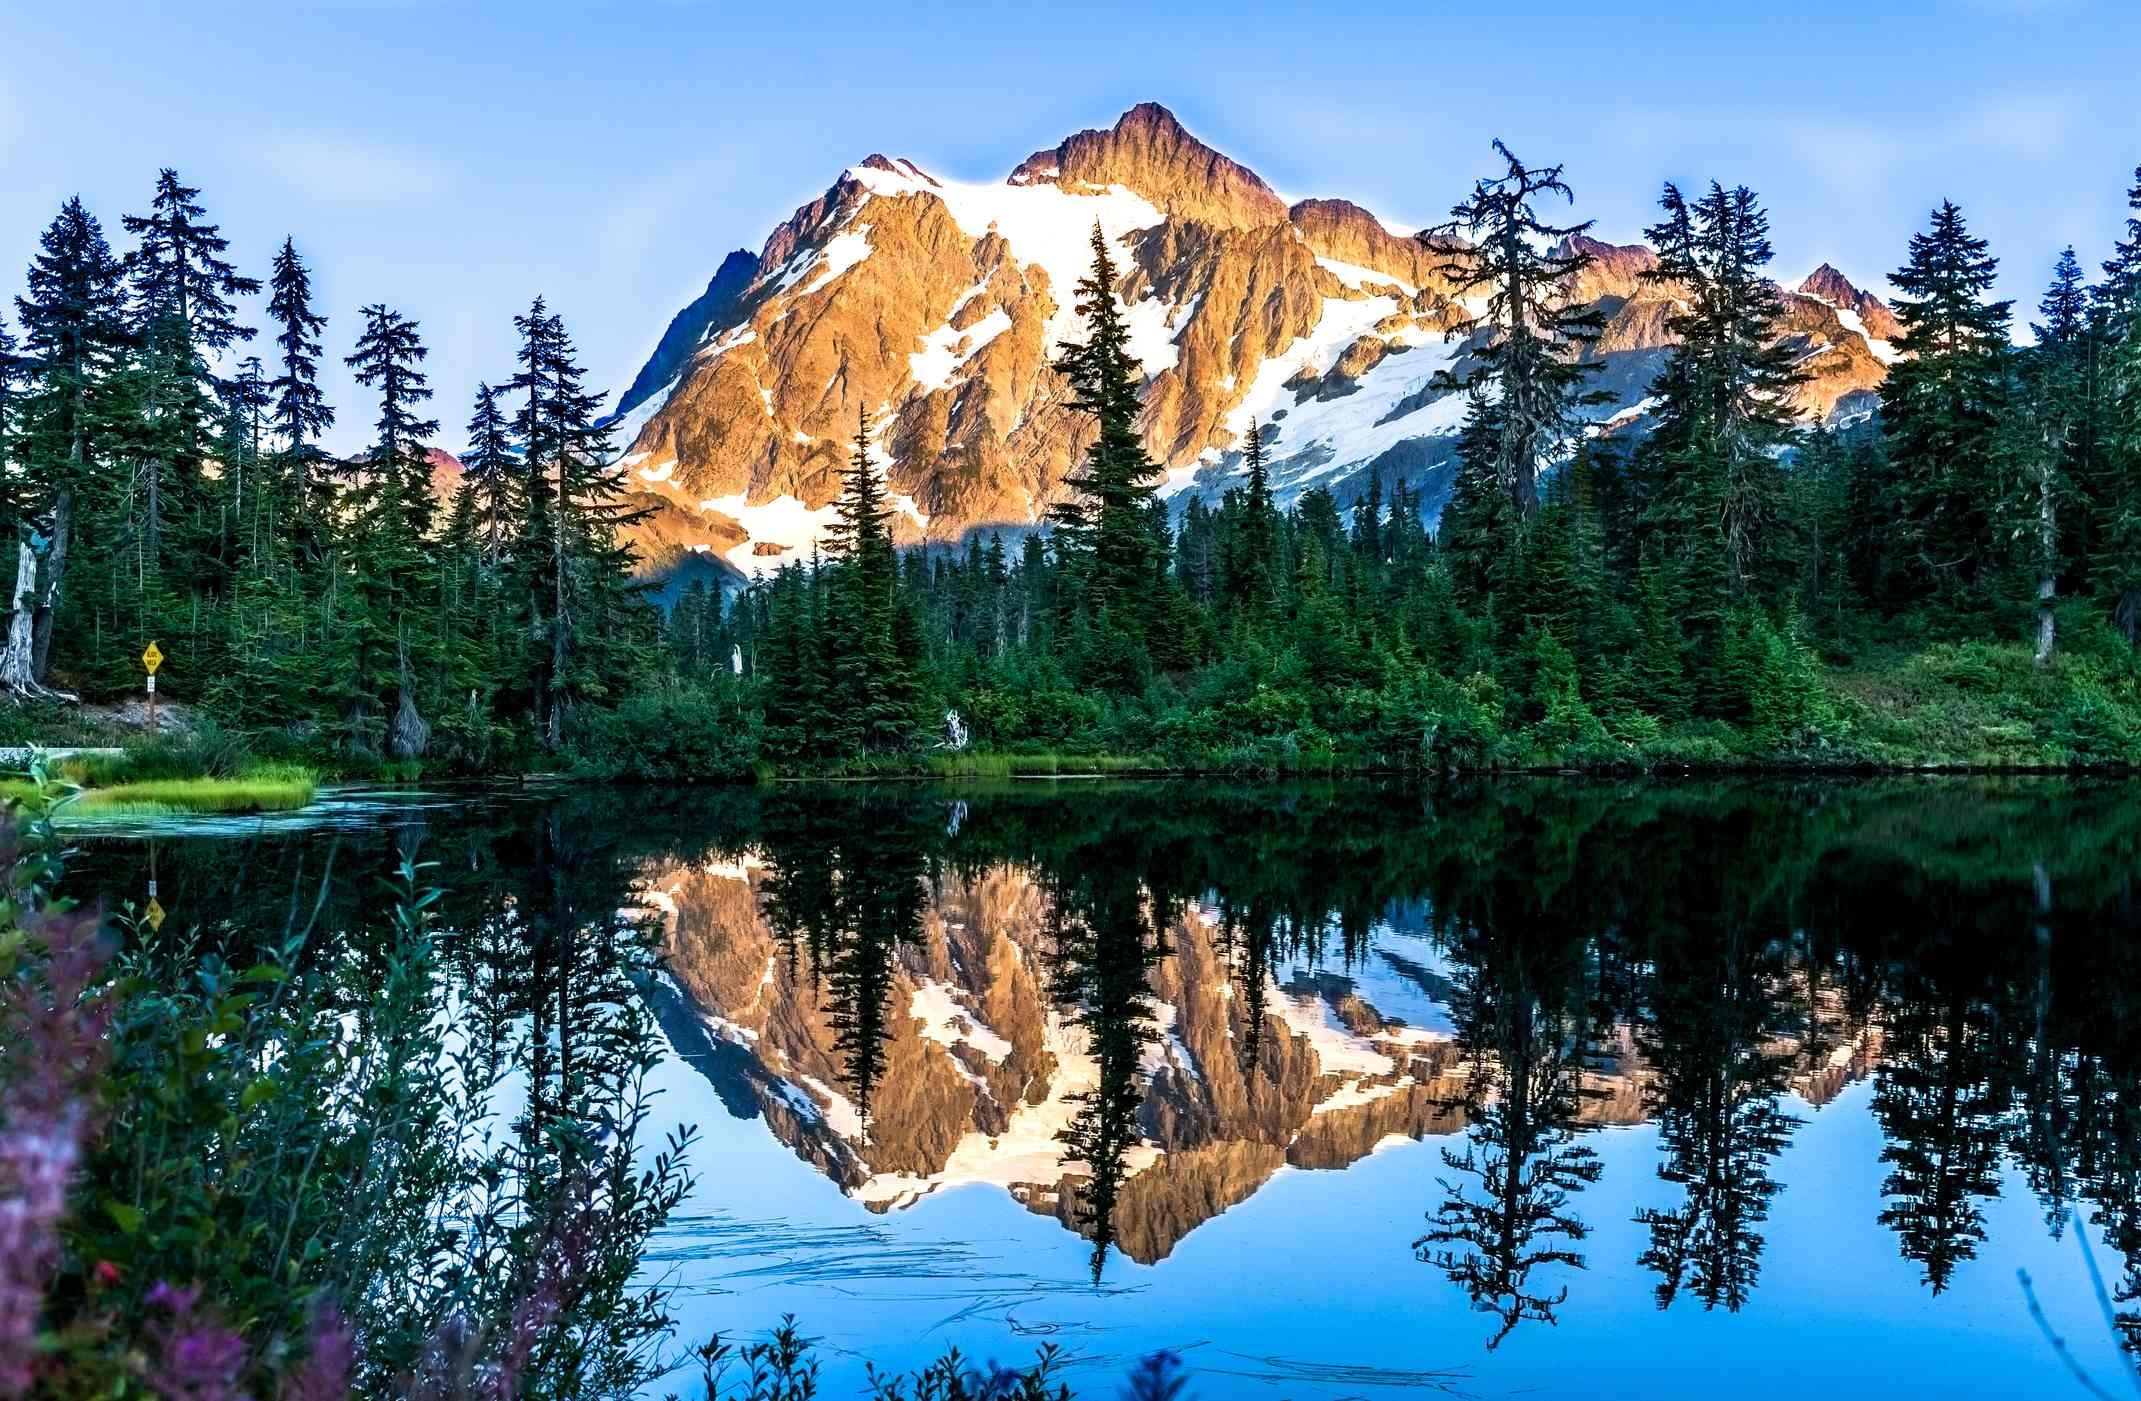 Reflejo del monte Baker en el lago contra el cielo